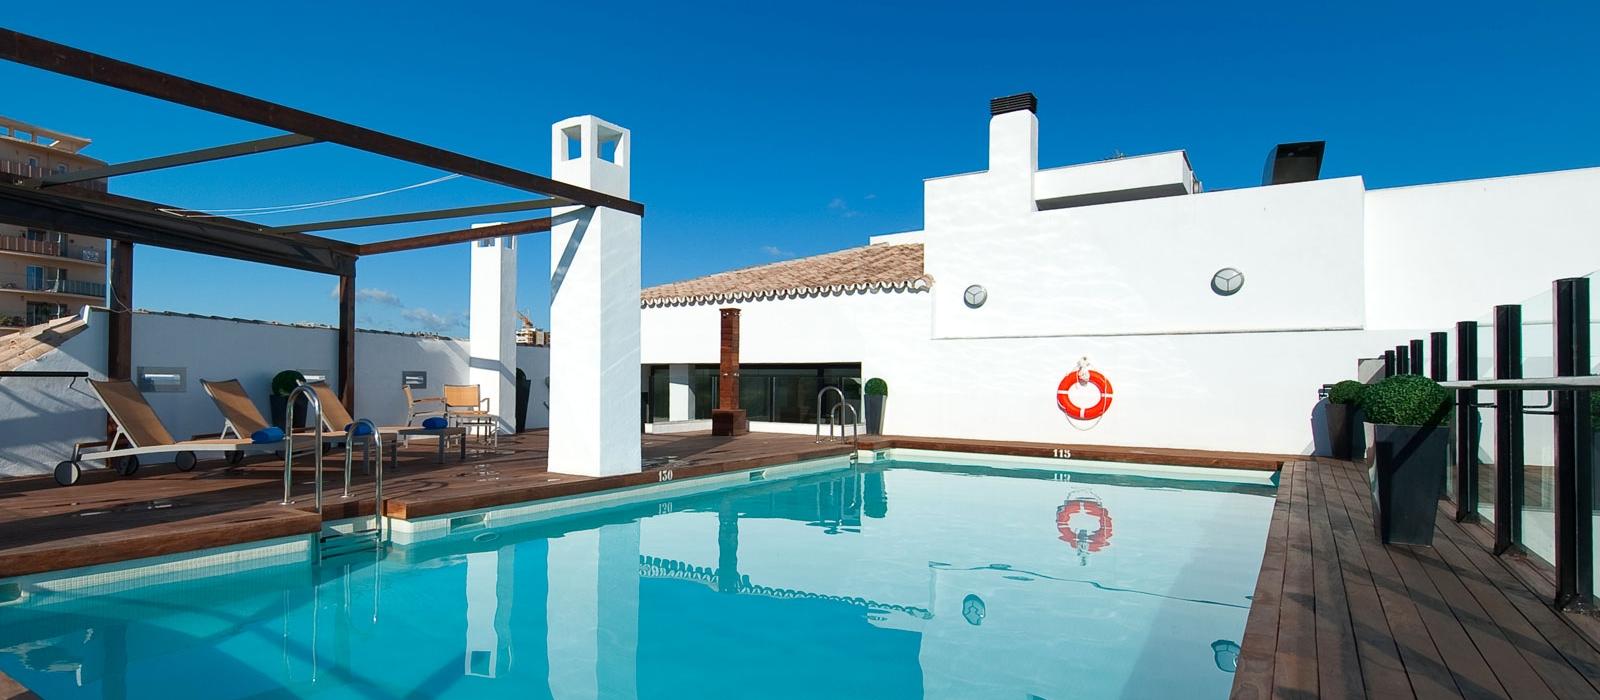 Servizi Hotel Posada del Patio Málaga - Vincci Hoteles - Plunge pool